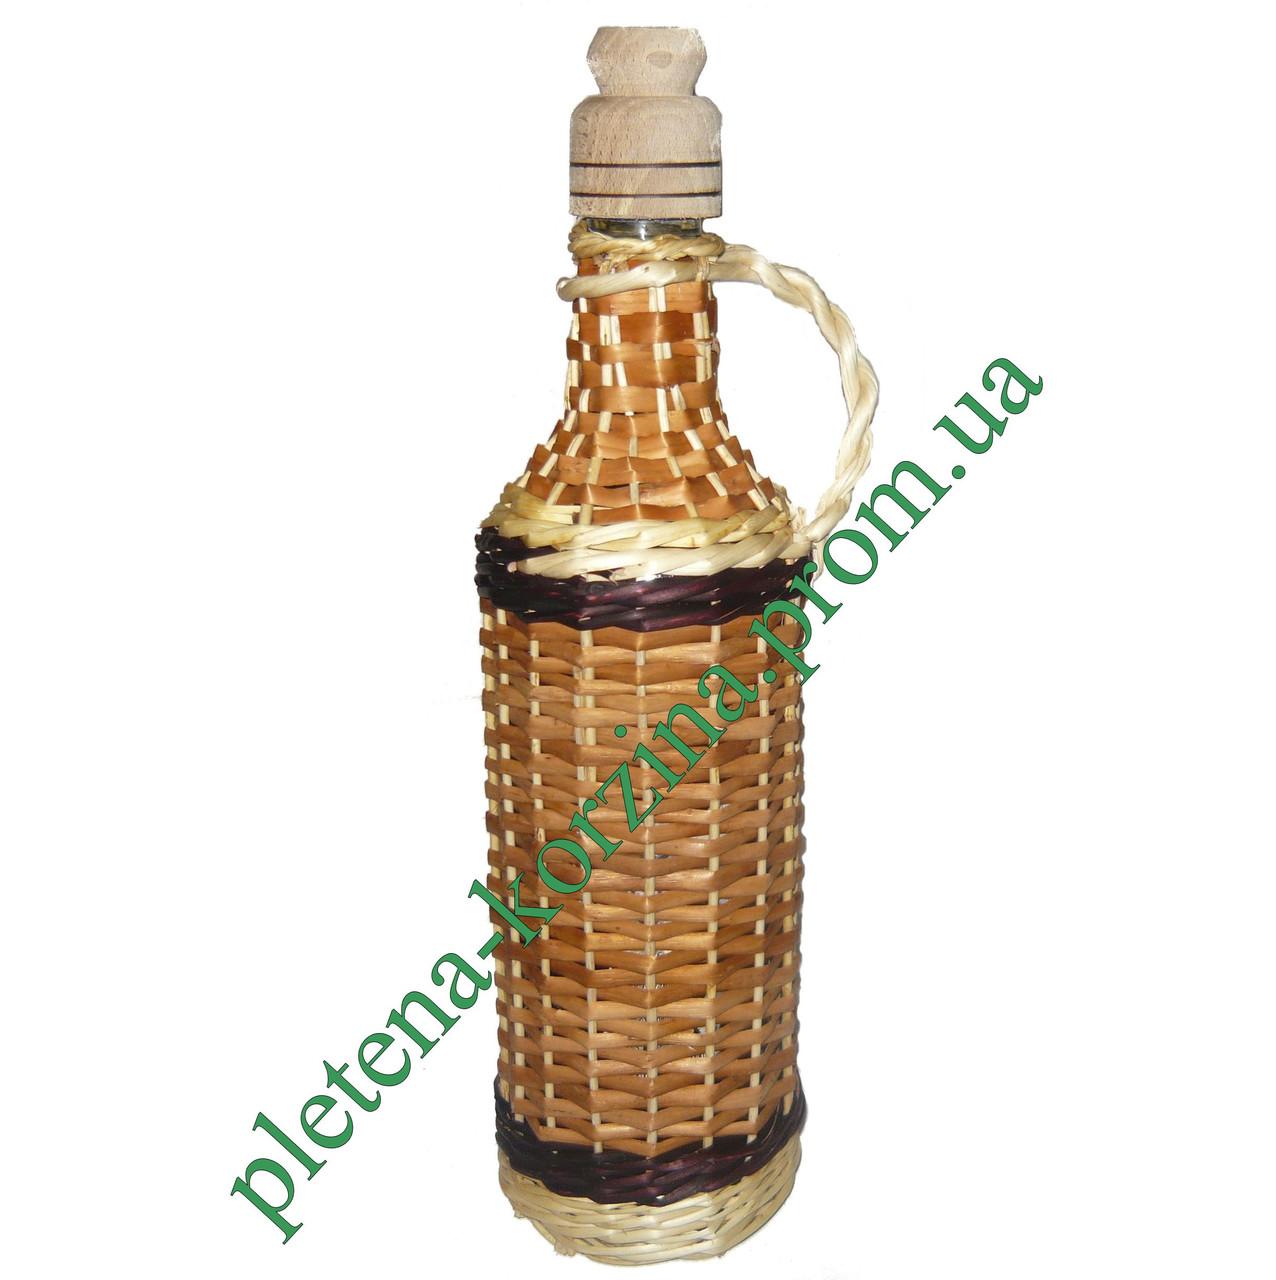 Фото бутылка в изде 10 фотография